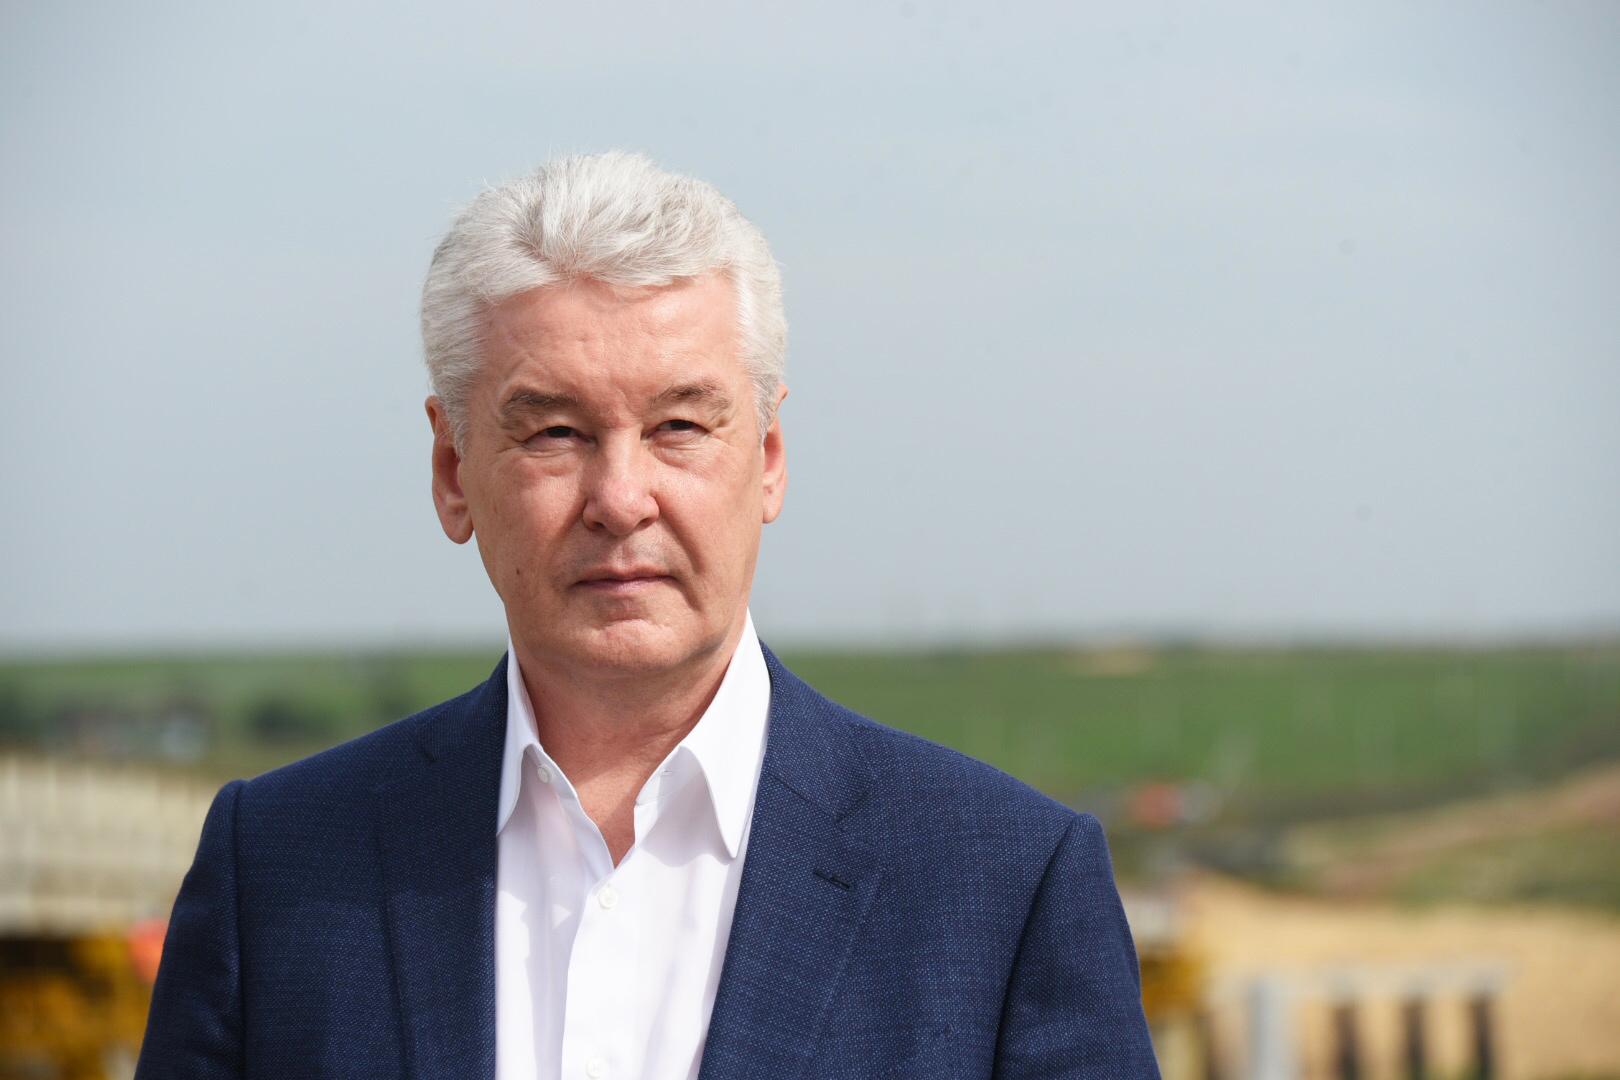 Сергей Собянин анонсировал строительство новой школы искусствв Москве